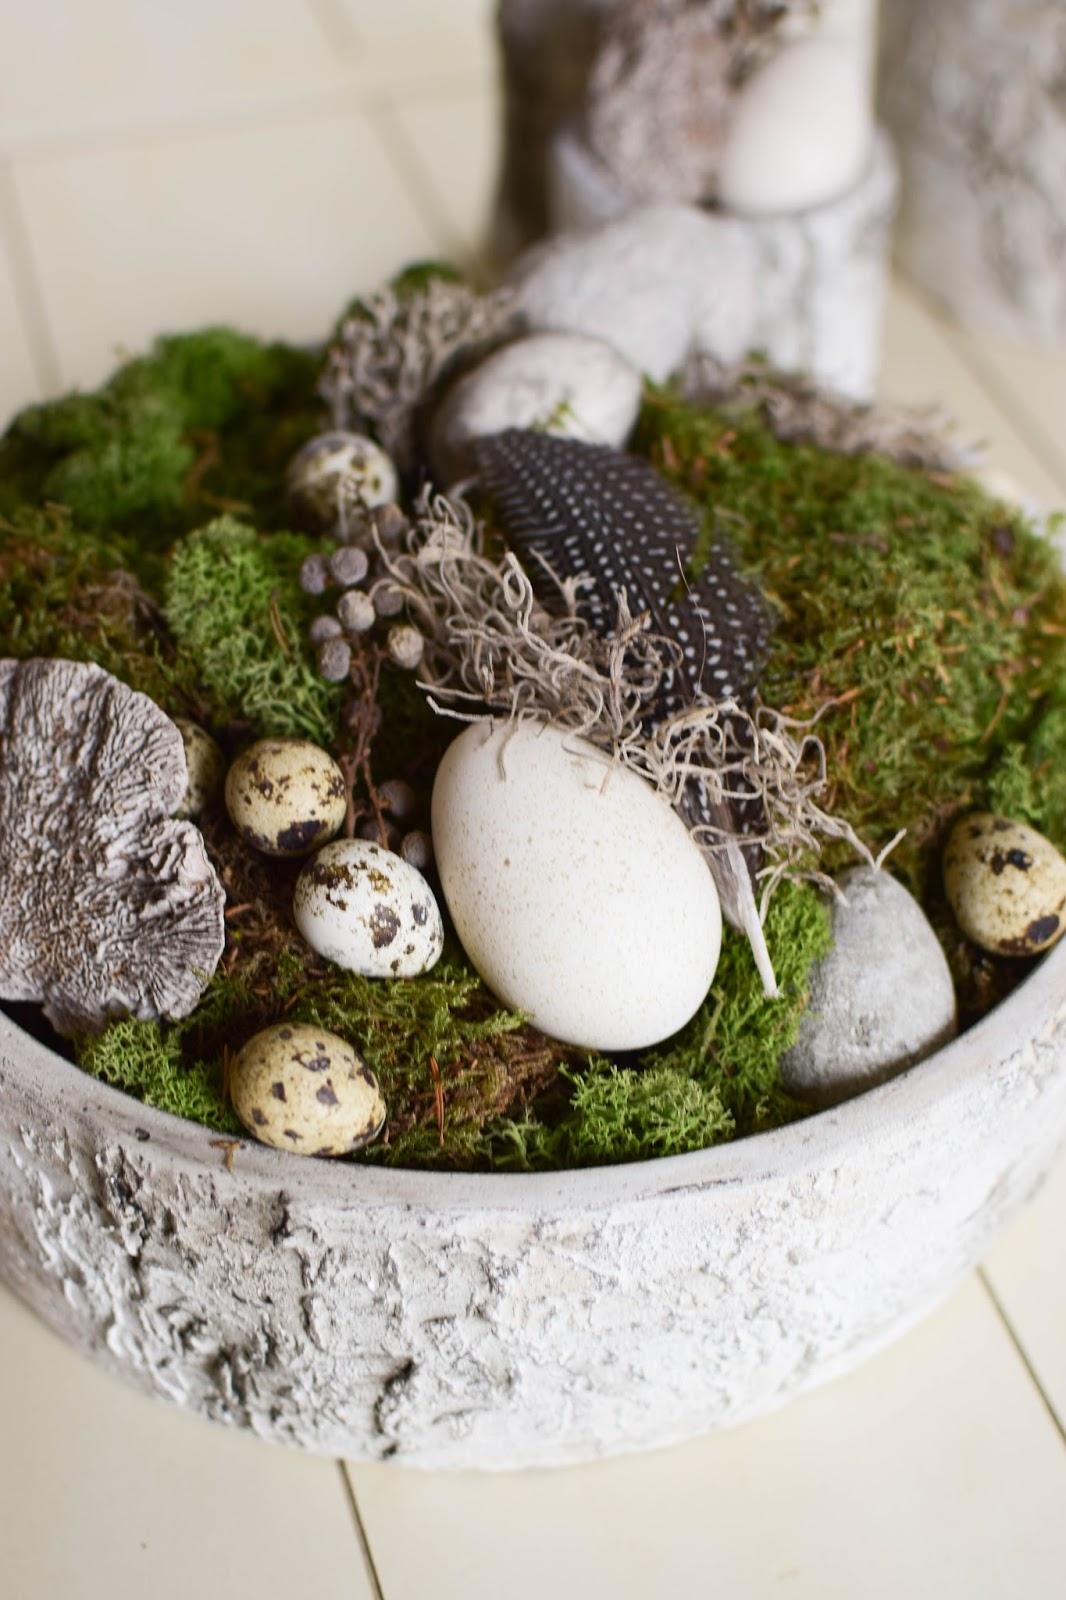 DIY Deko Schale für Frühling und Ostern mit Moos Eier Naturmaterialien Dekoidee Naturdeko selbermachen